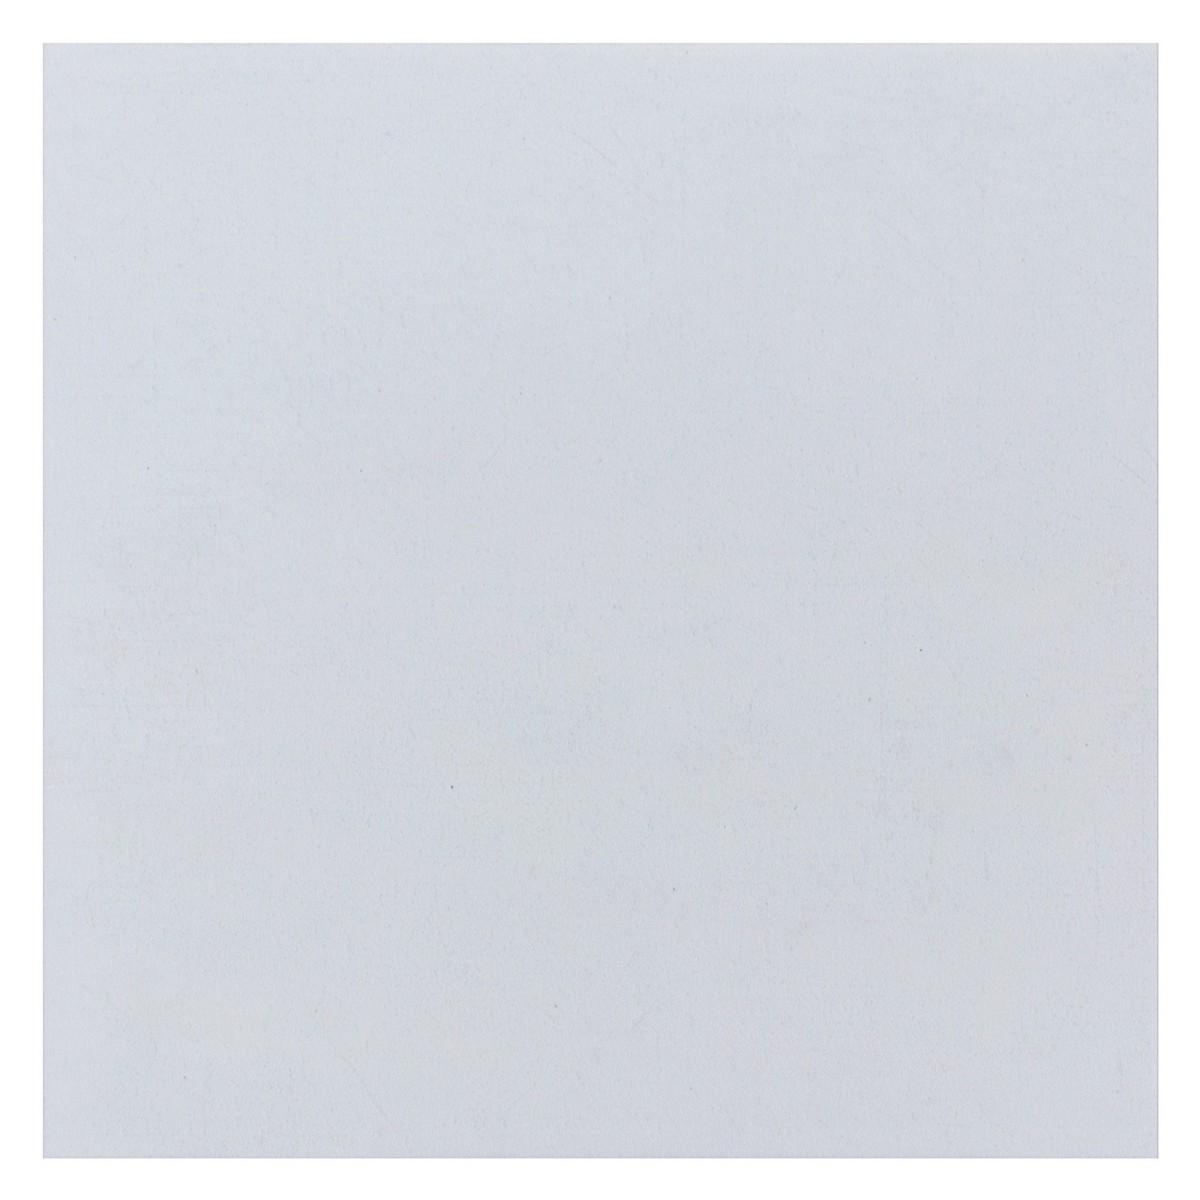 Плитка наcтенная Rustica 20x20 см 1 м2 цвет бежевый